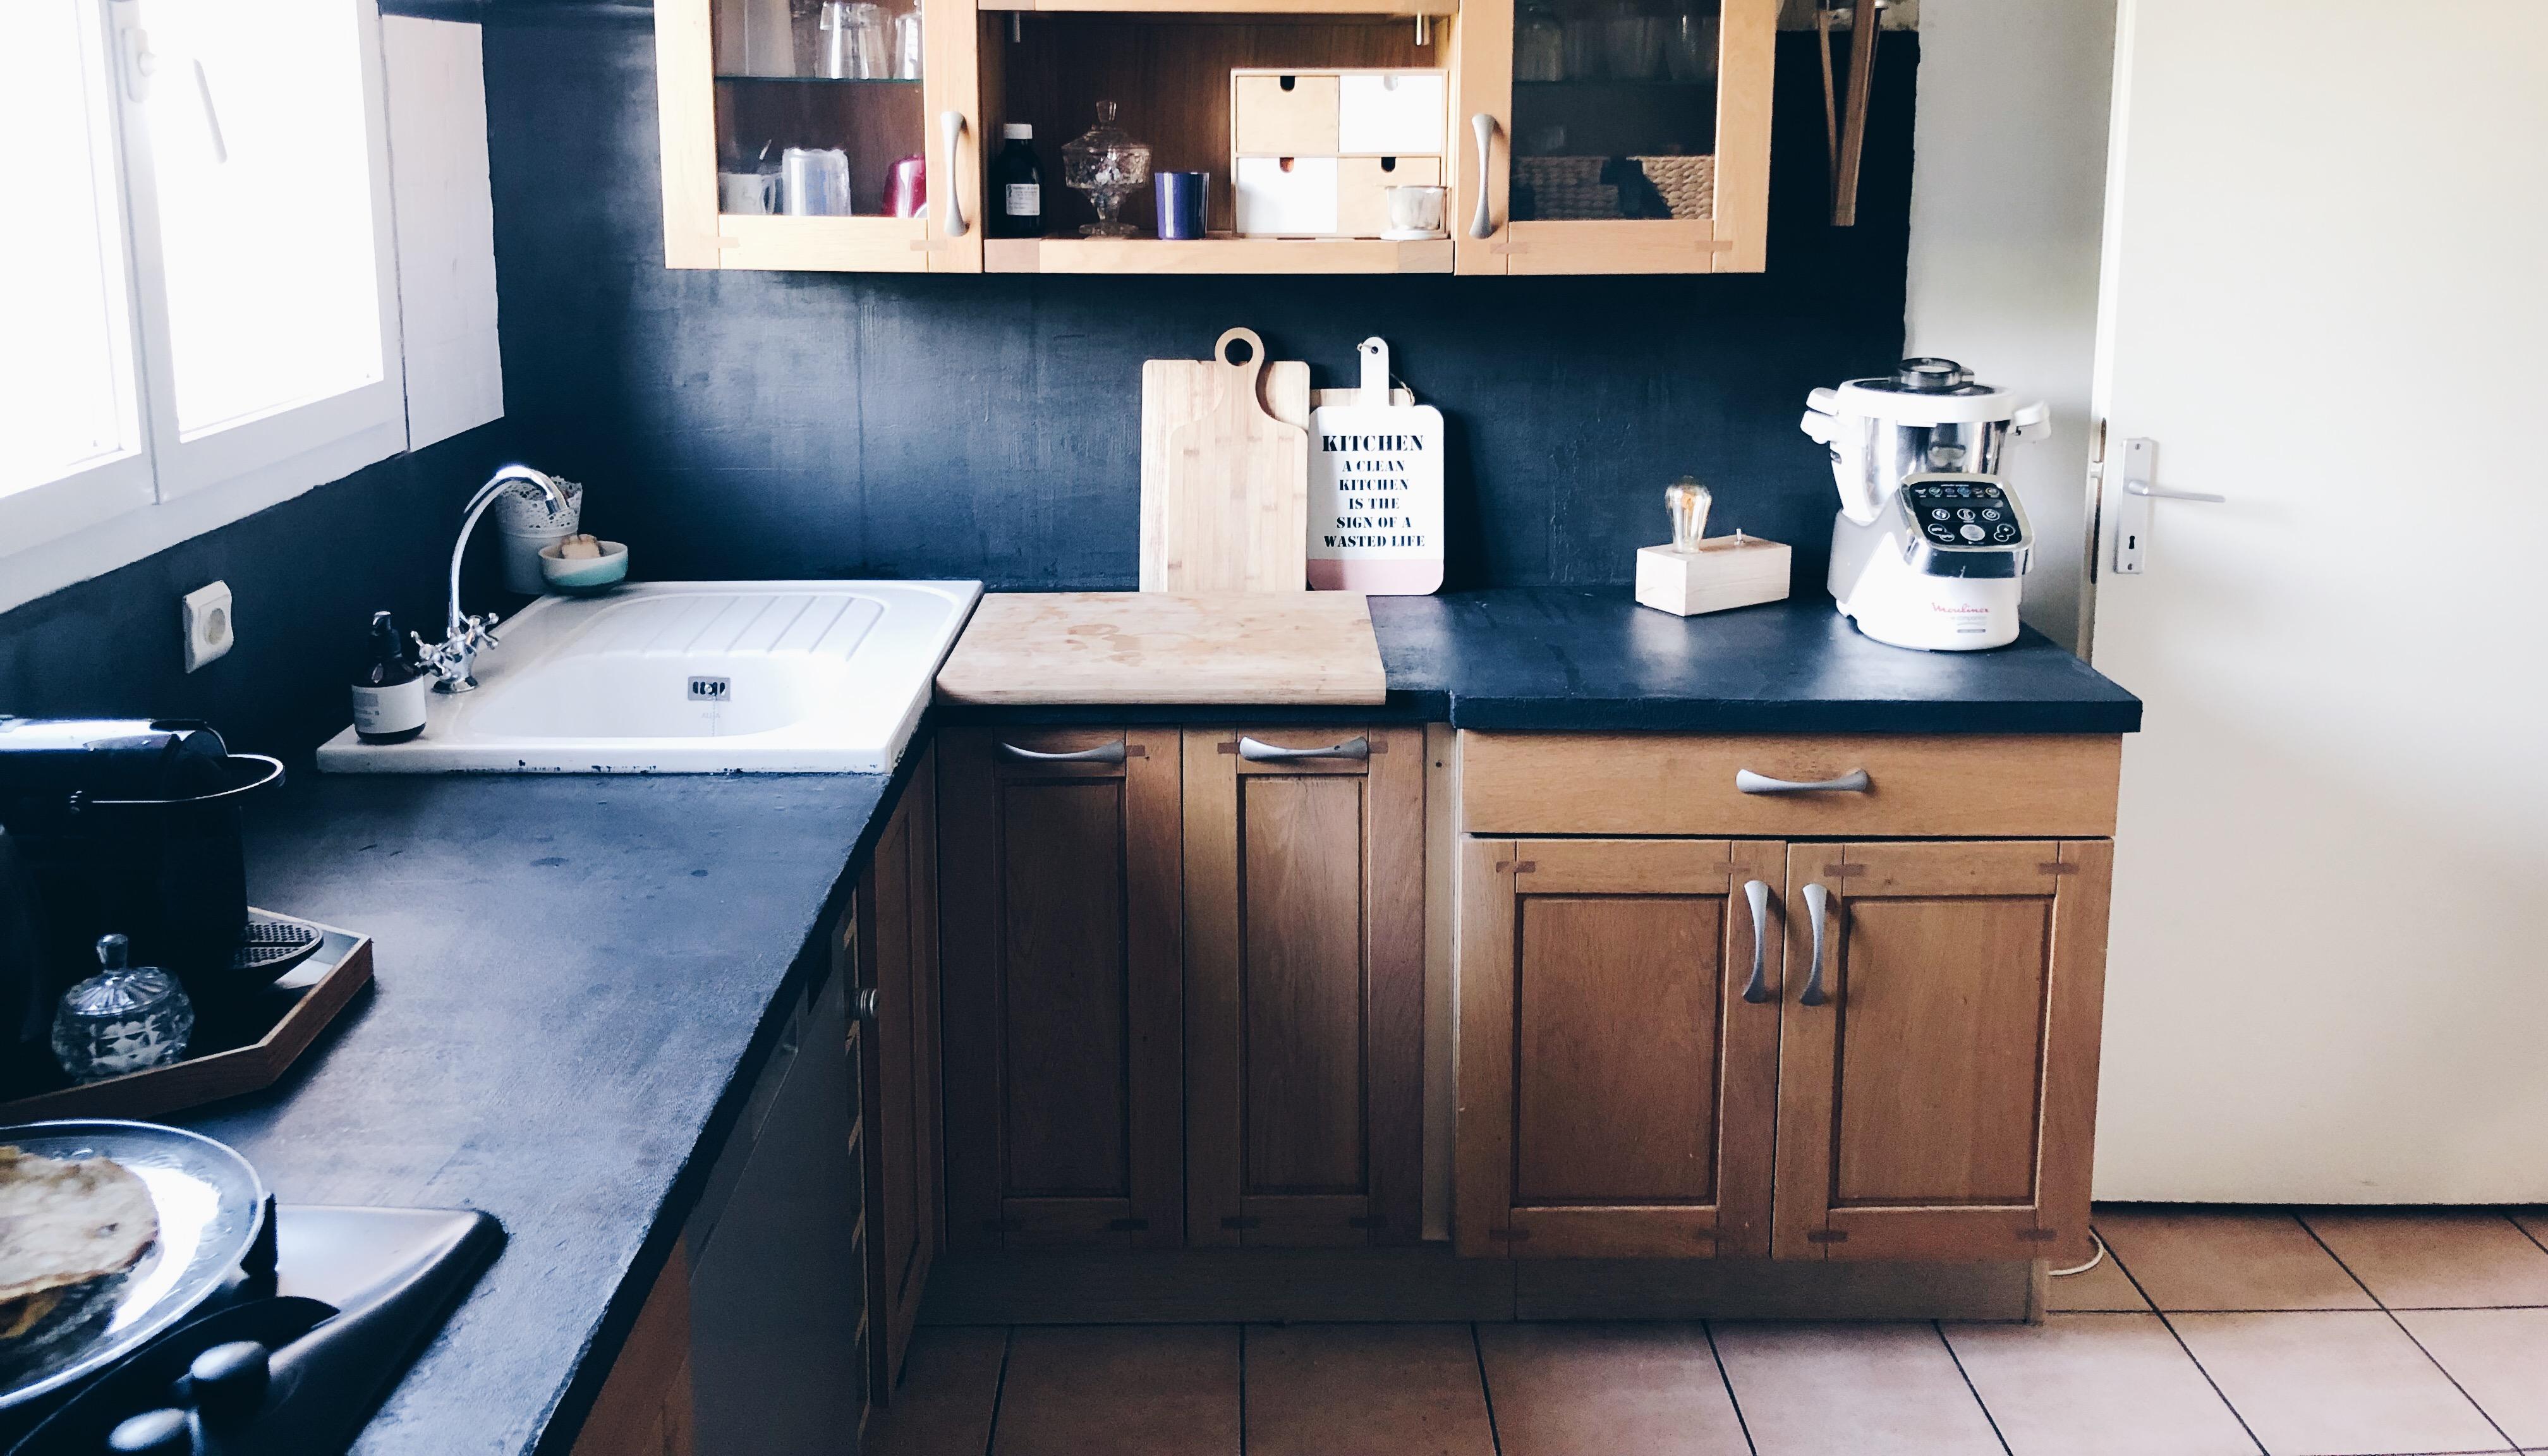 Rénovation de la cuisine #3 : avant/après déco !